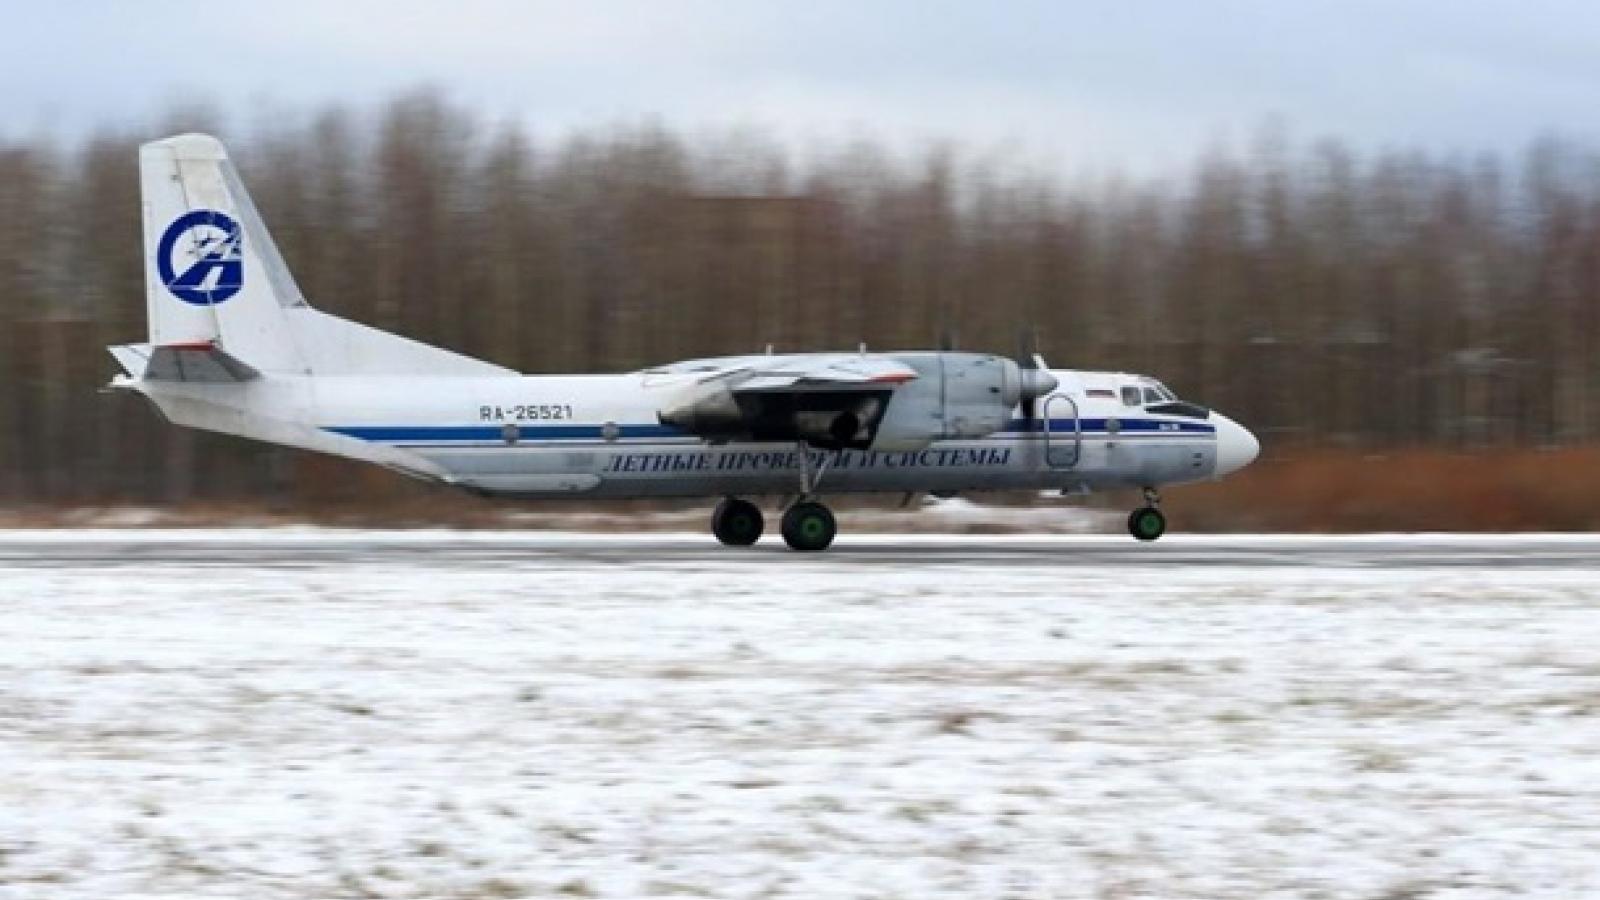 Rơi máy bay của Nga, toàn bộ 6 người trên máy bay thiệt mạng